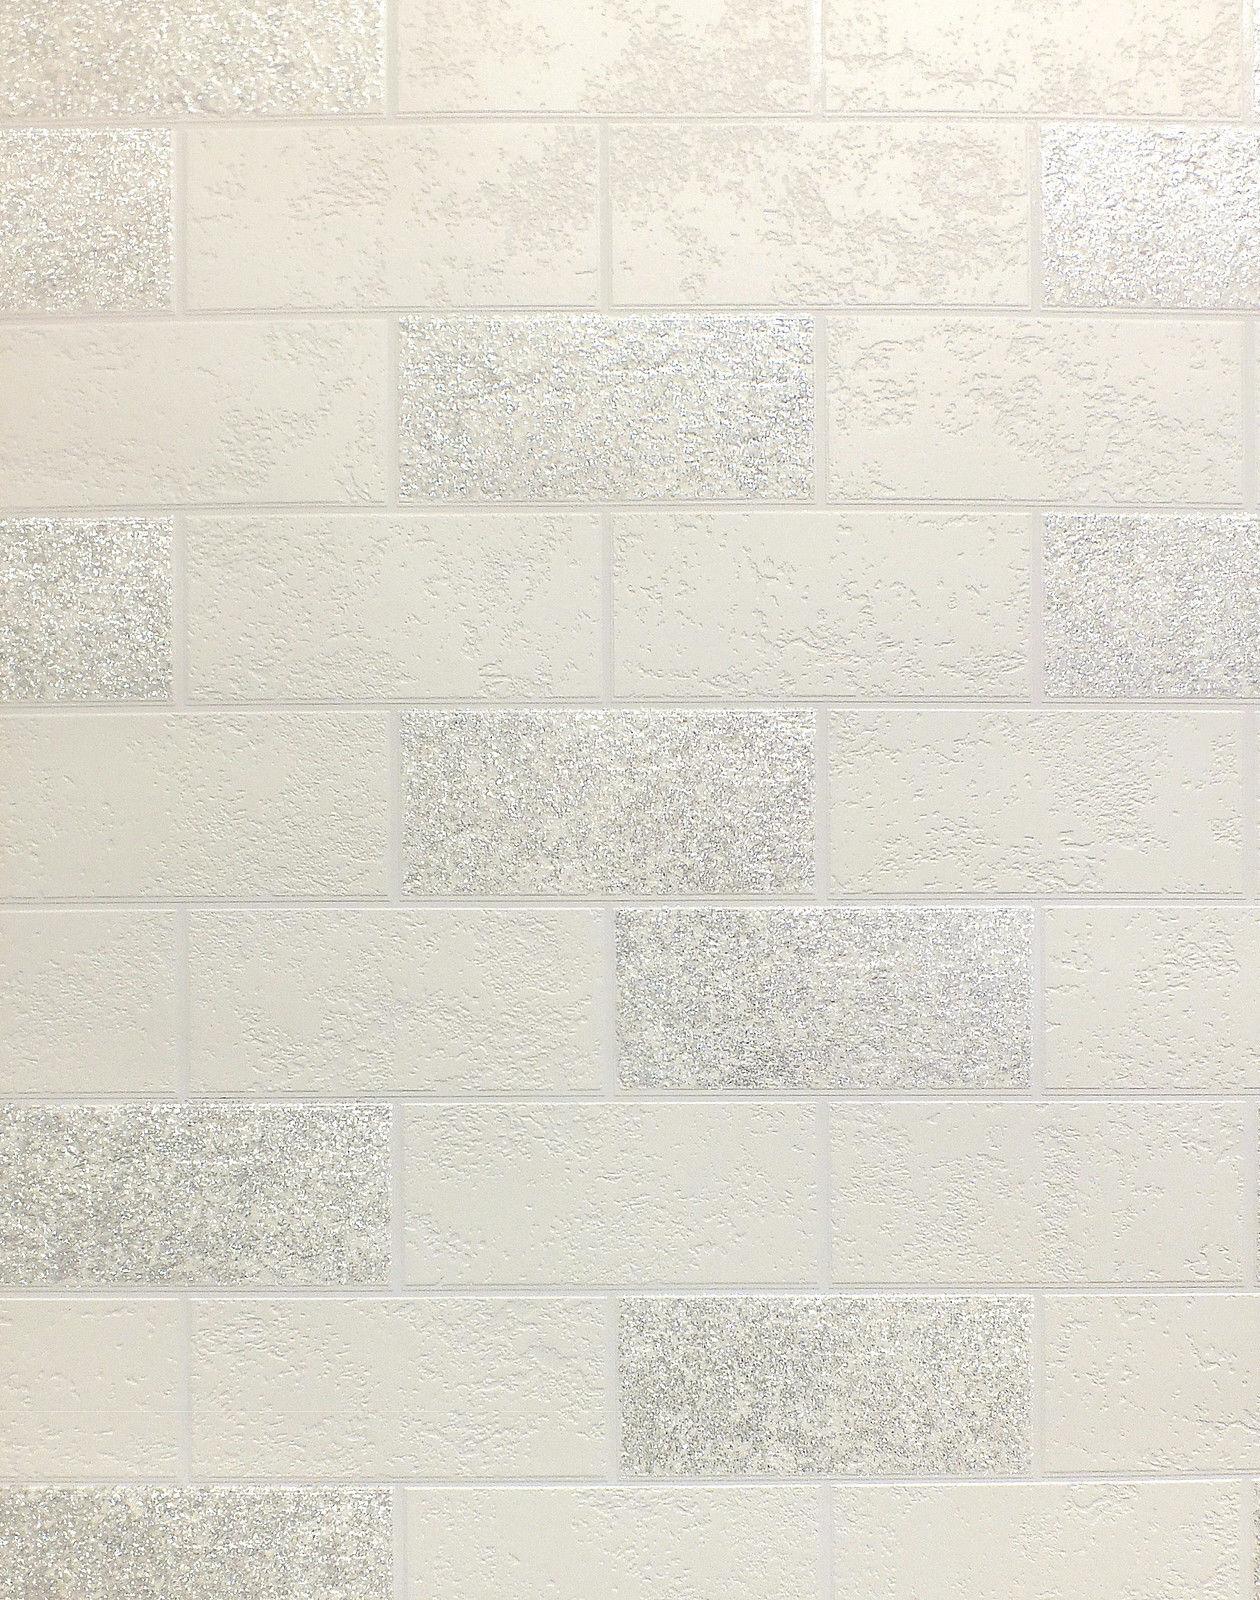 Blanc Argent Paillettes Peint Carrelage Effet Papier Peint